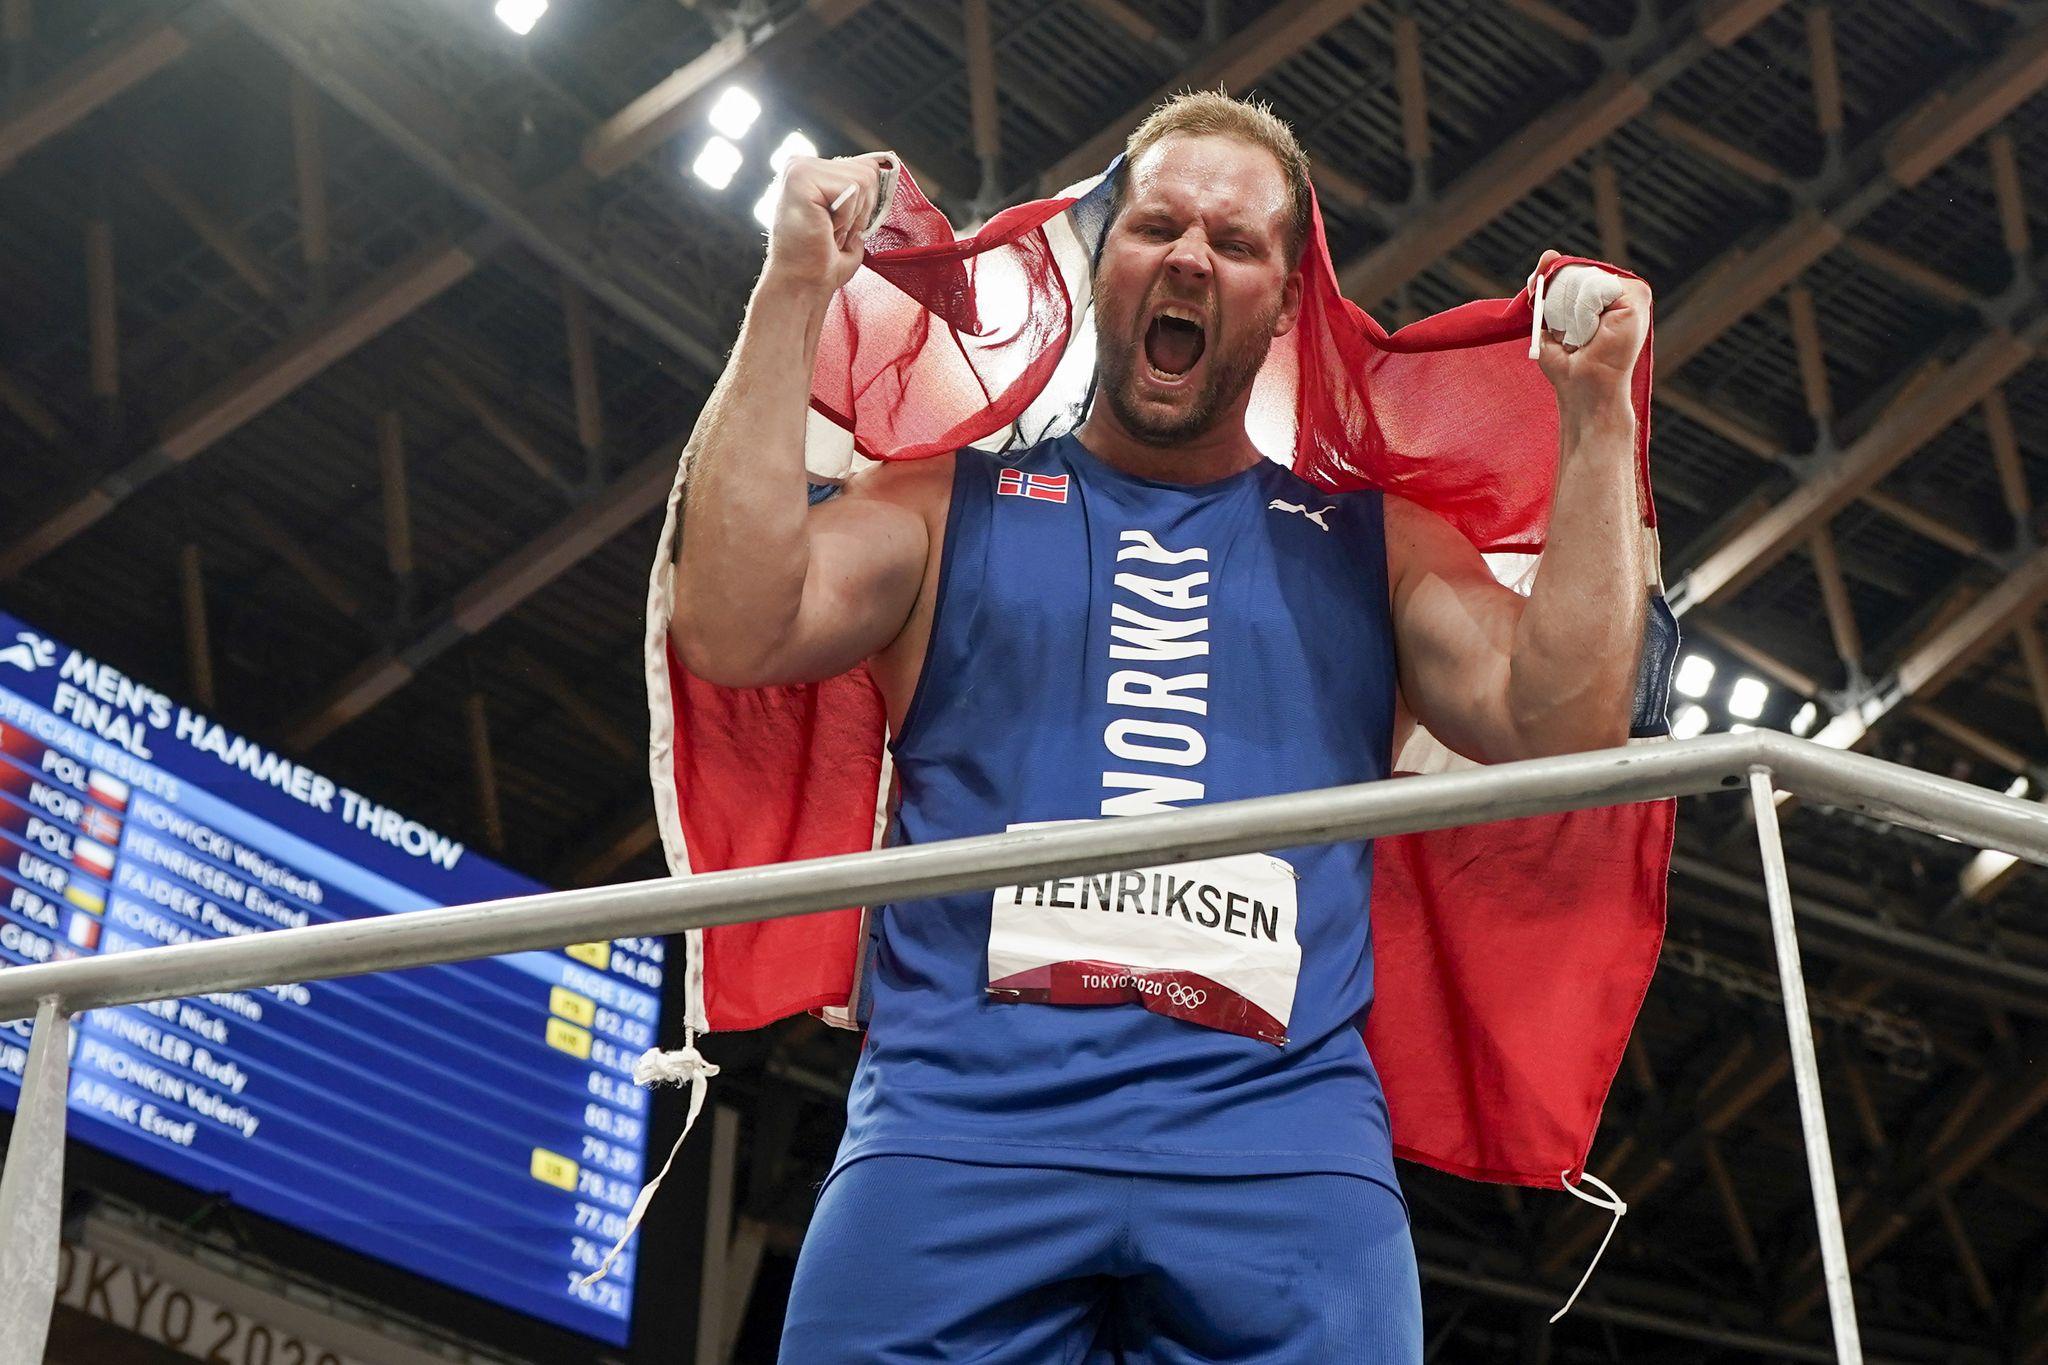 Eivind Henriksen tok til tårene etter OL-sølvet: – Skulle ønske han kunne vært med å oppleve dette